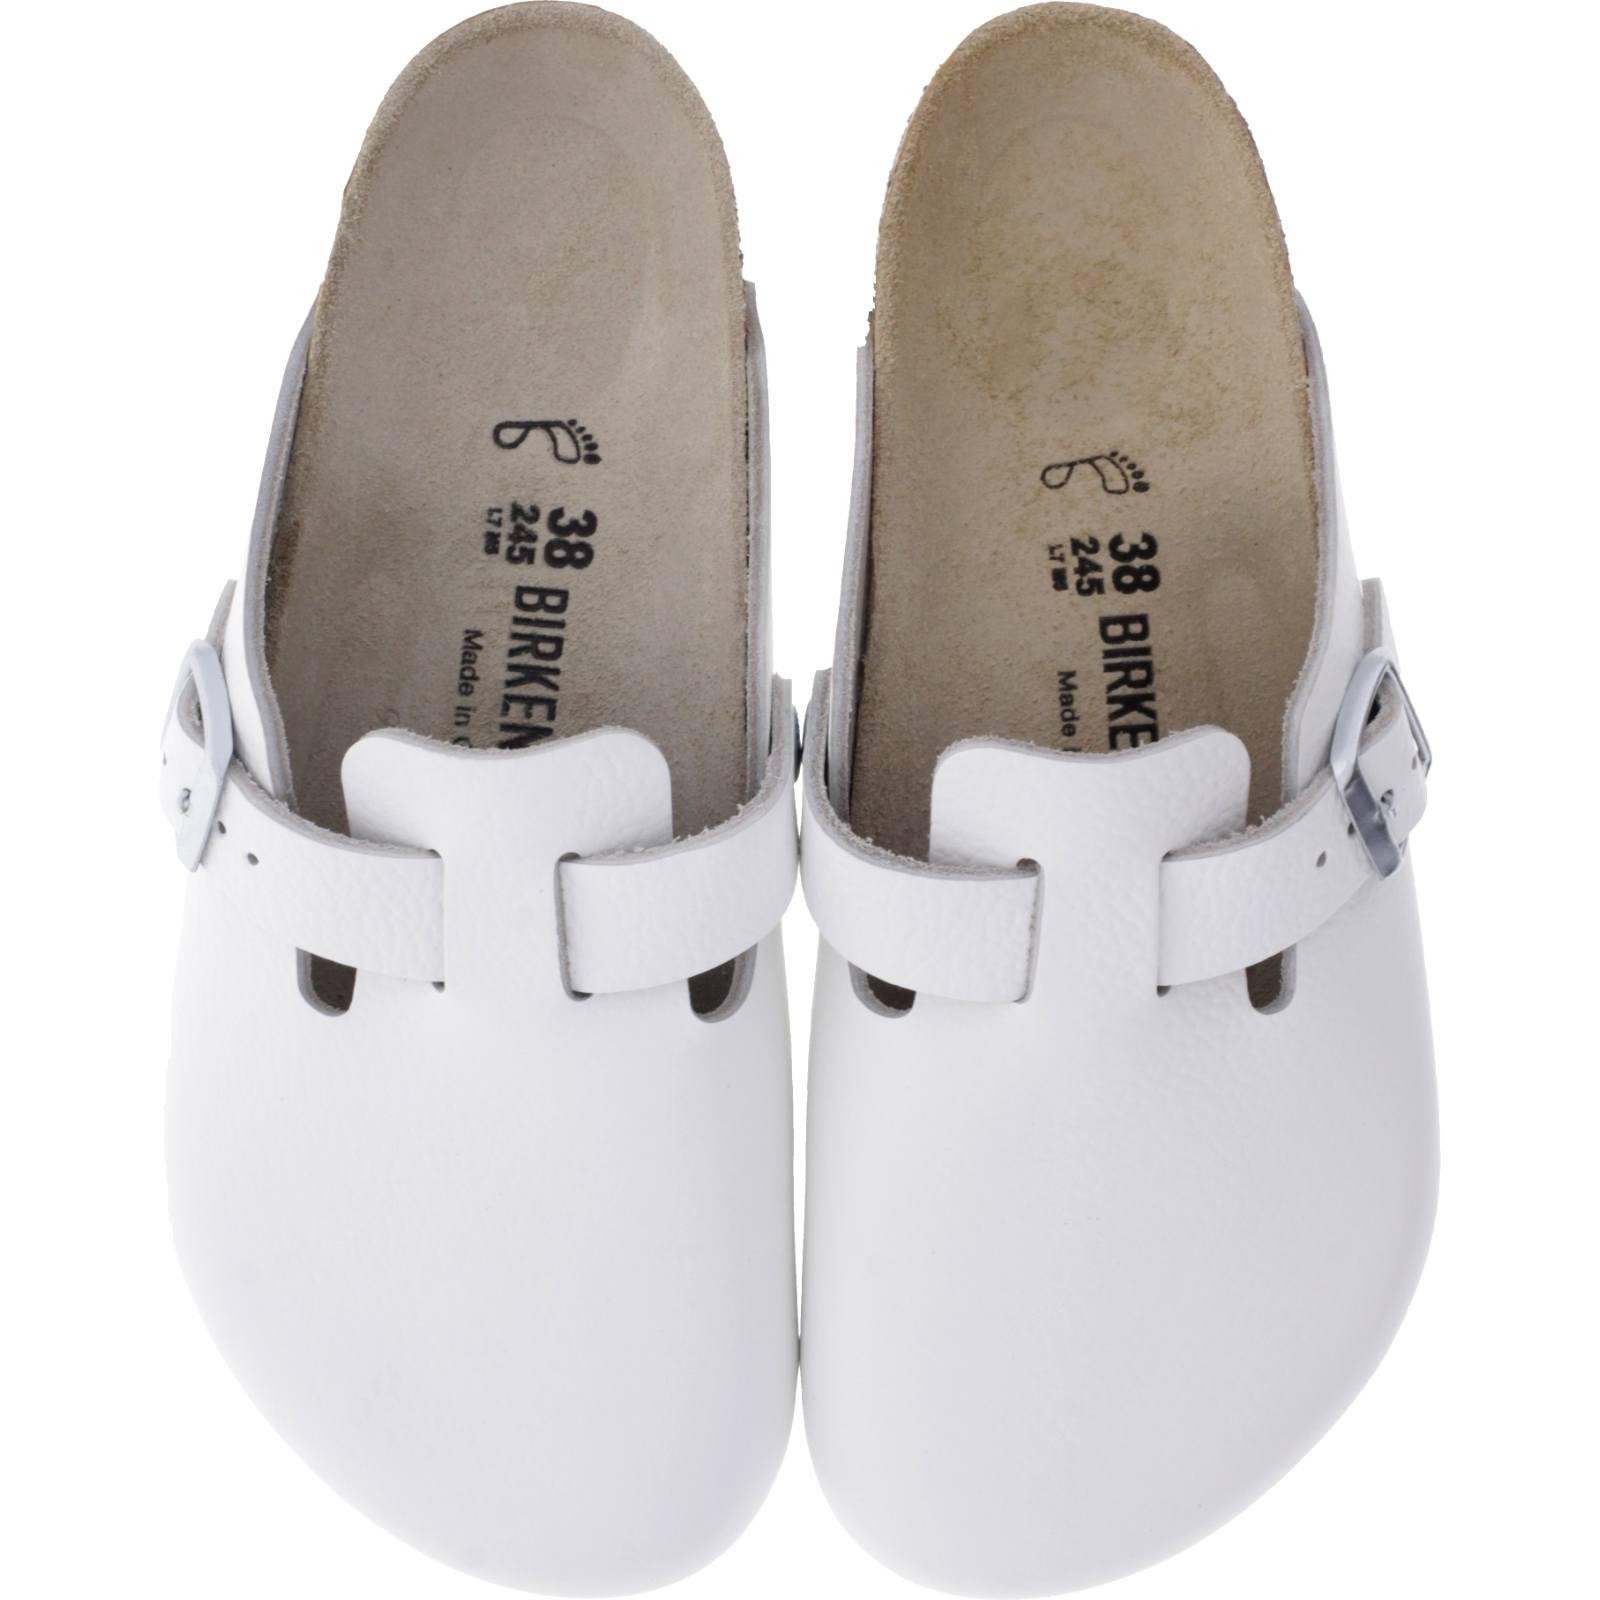 Clogs Weiß Leder WeiteNormal Birkenstock ModellBoston Unisex Art060131 m0vPyNwO8n